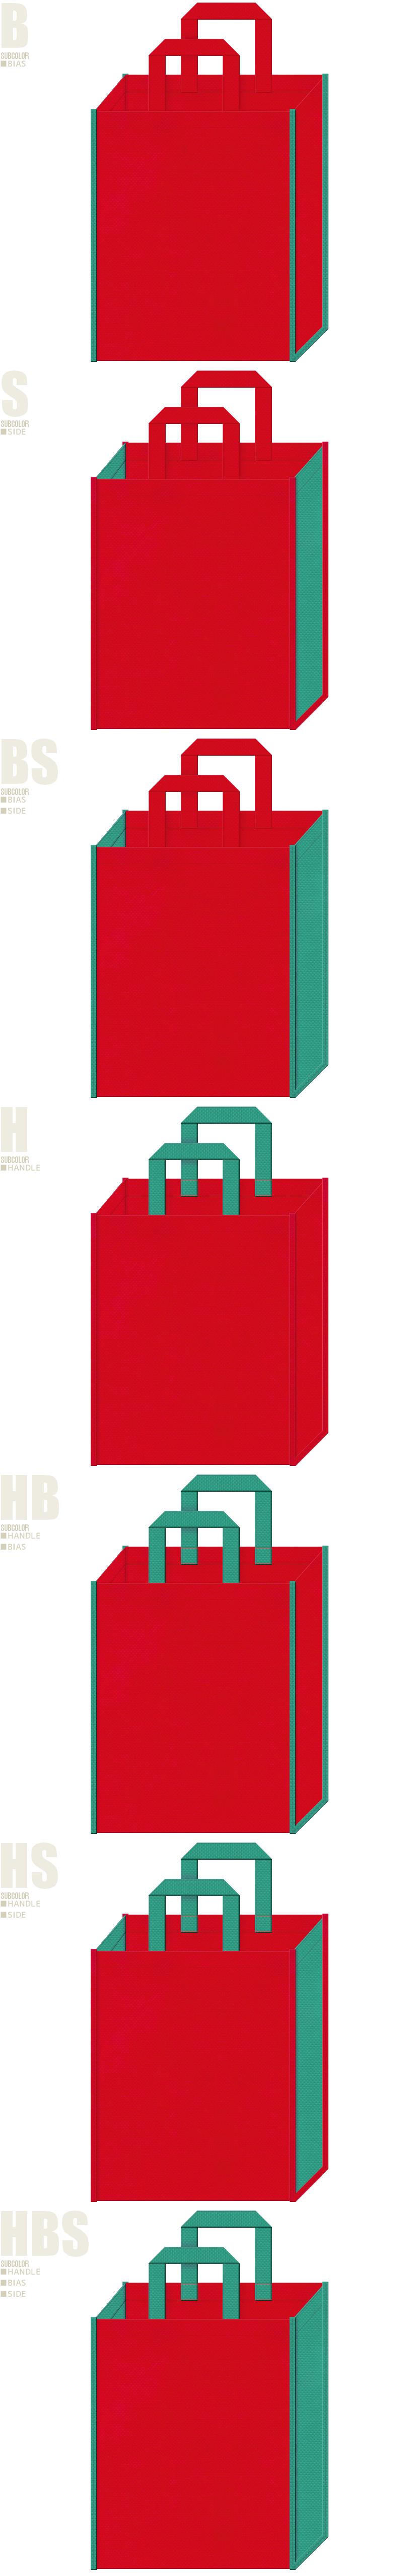 不織布バッグのデザイン:紅色と青緑色の配色7パターン